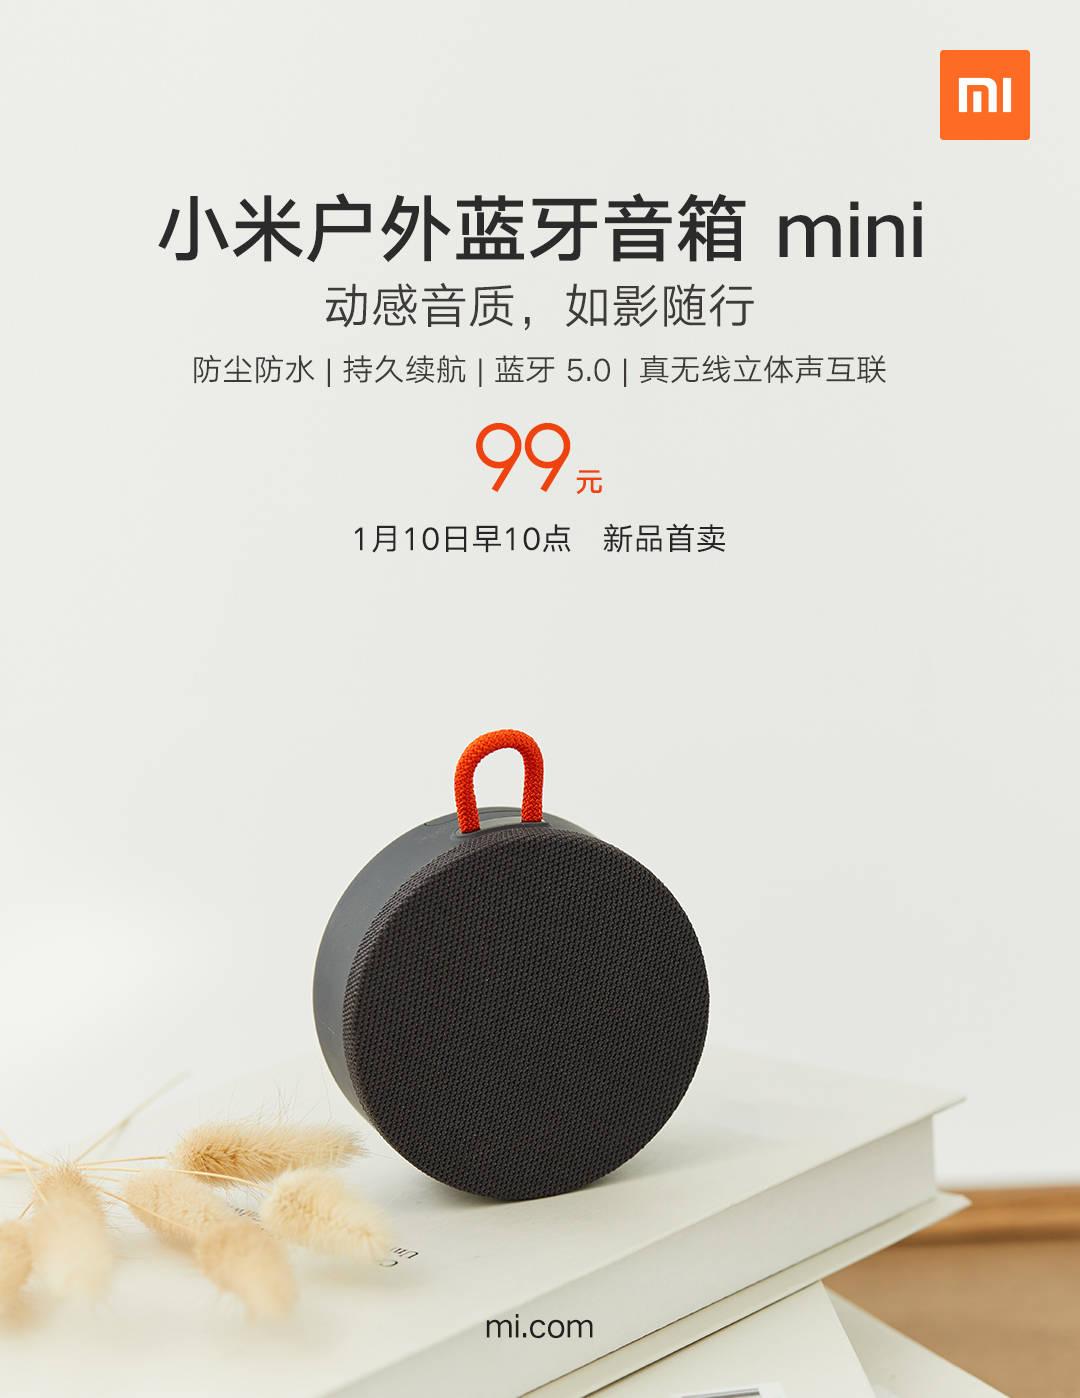 Nuevo altavoz de exteriores Xiaomi Outdoor Bluetooth Speaker Mini. Noticias Xiaomi Adictos